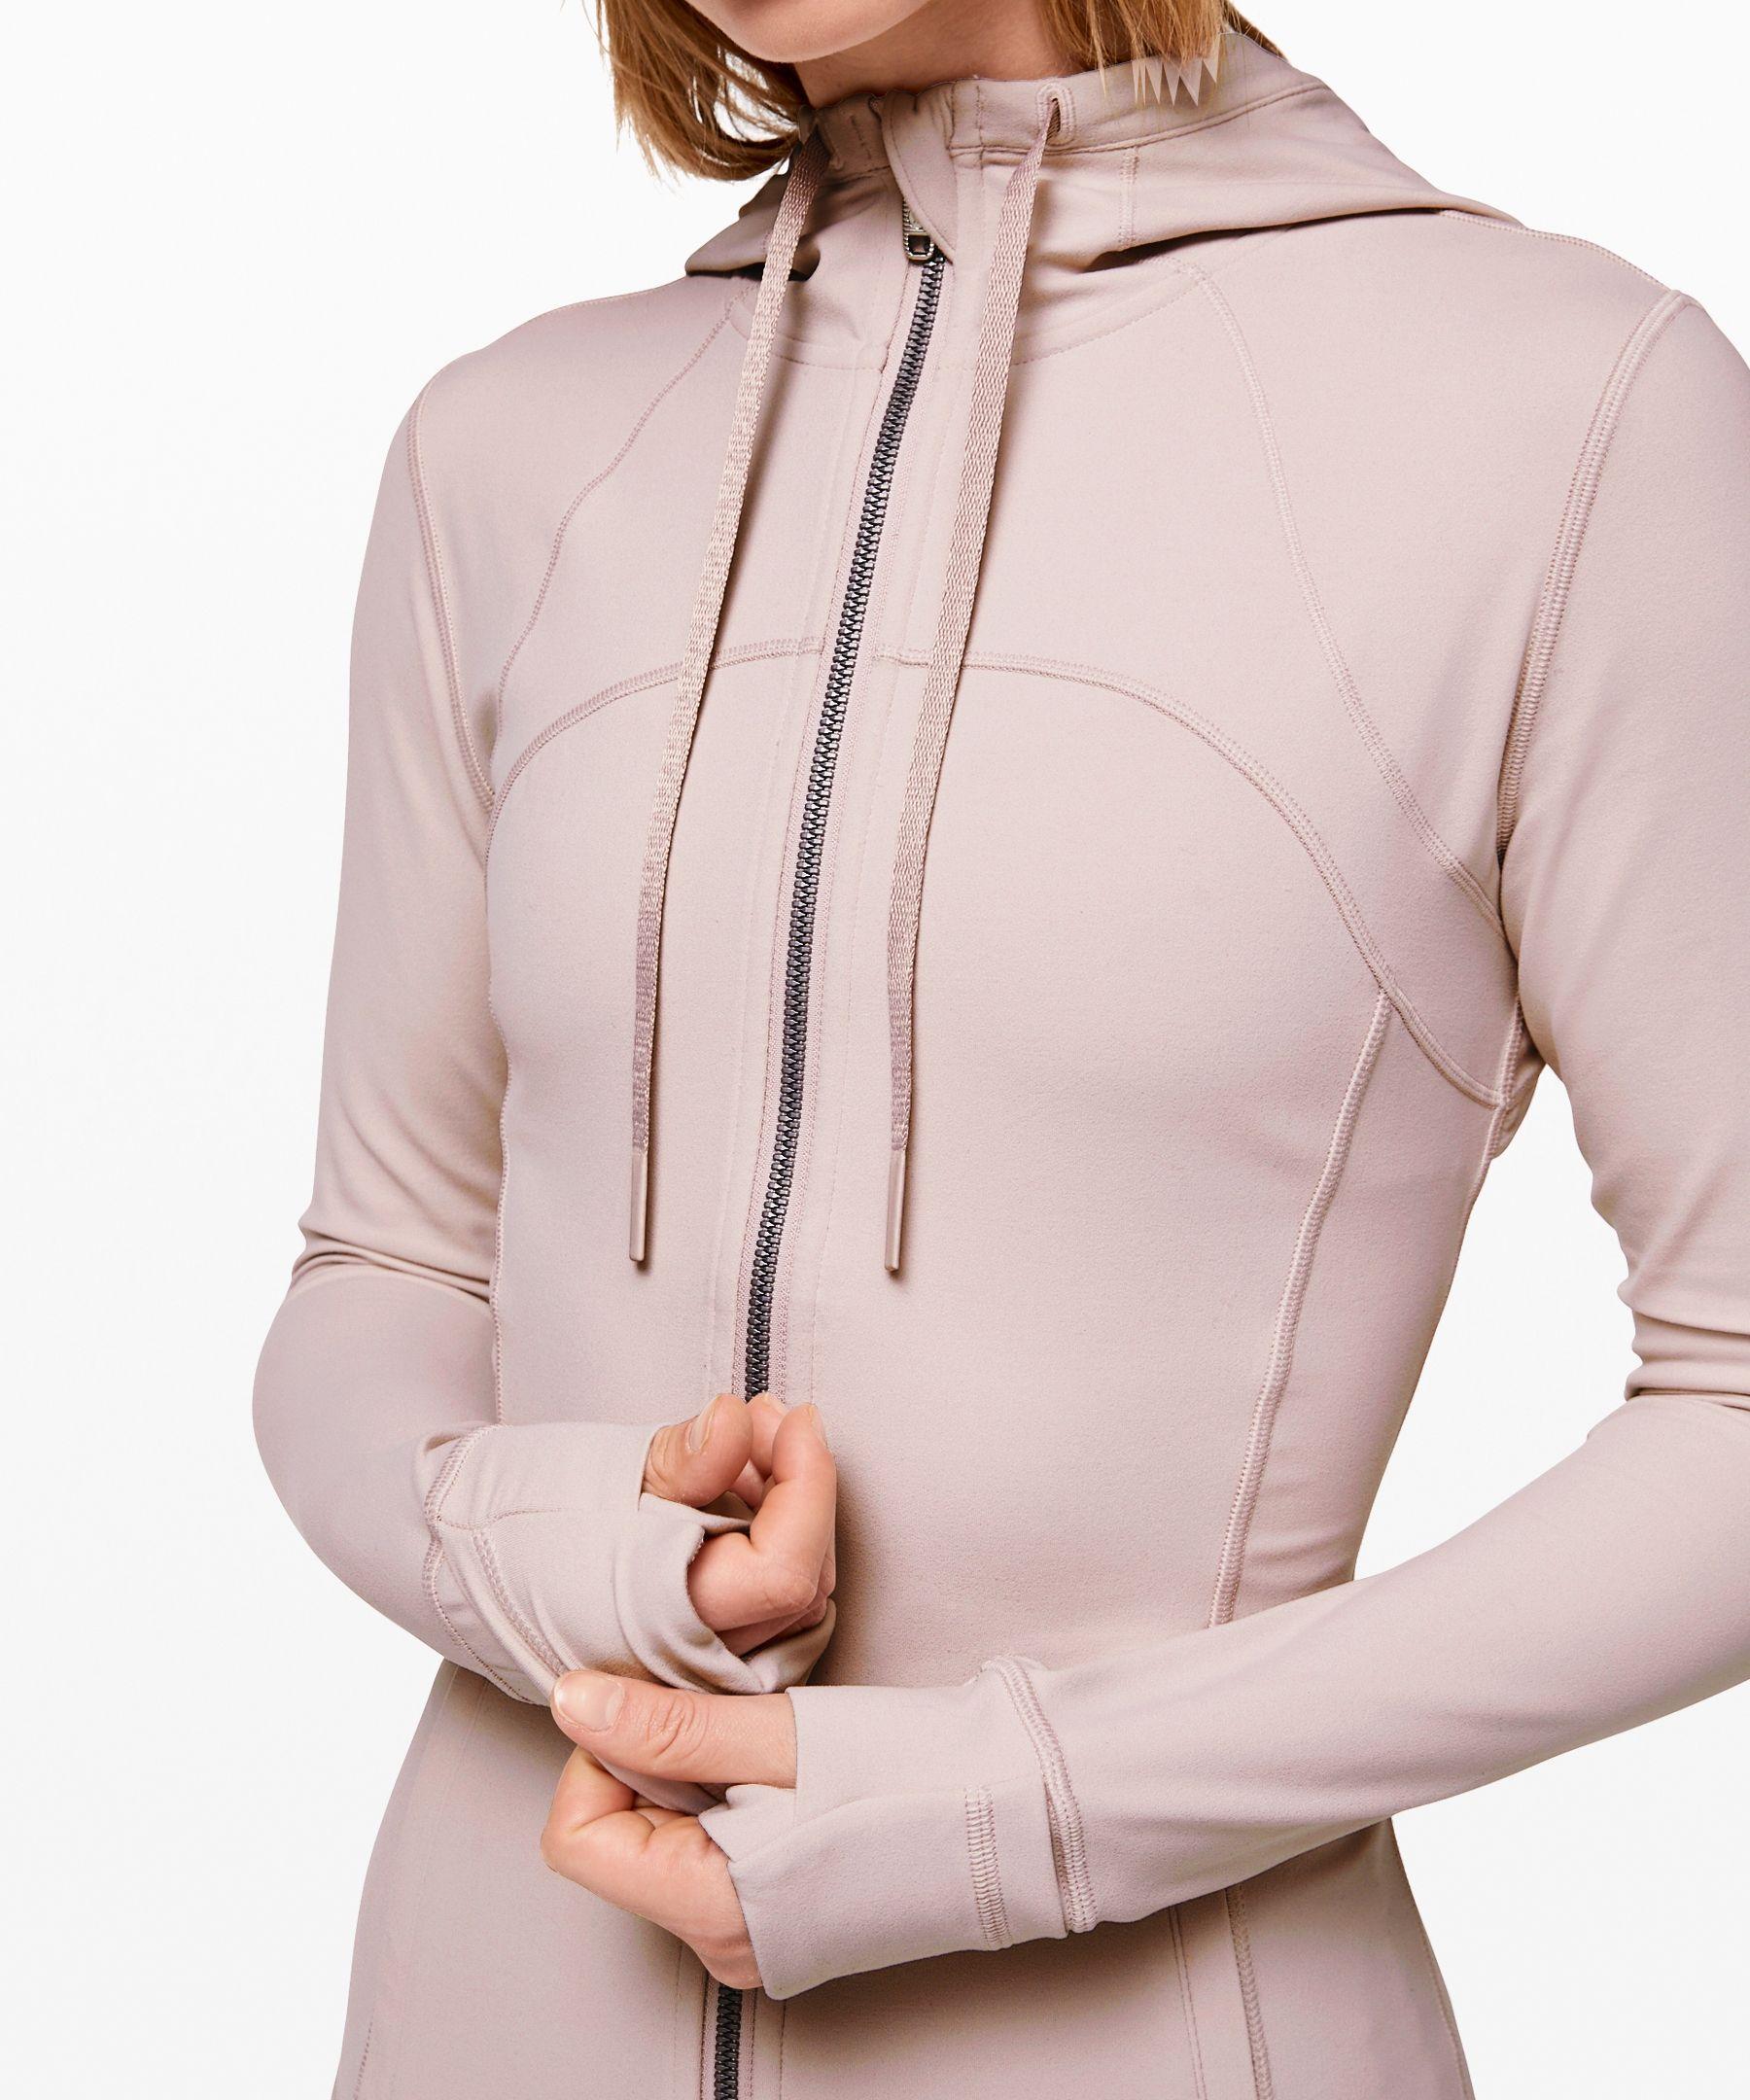 Hooded Define Jacket Nulu Women S Jackets Outerwear Lululemon Jackets For Women Jackets Outerwear Jackets [ 2160 x 1800 Pixel ]